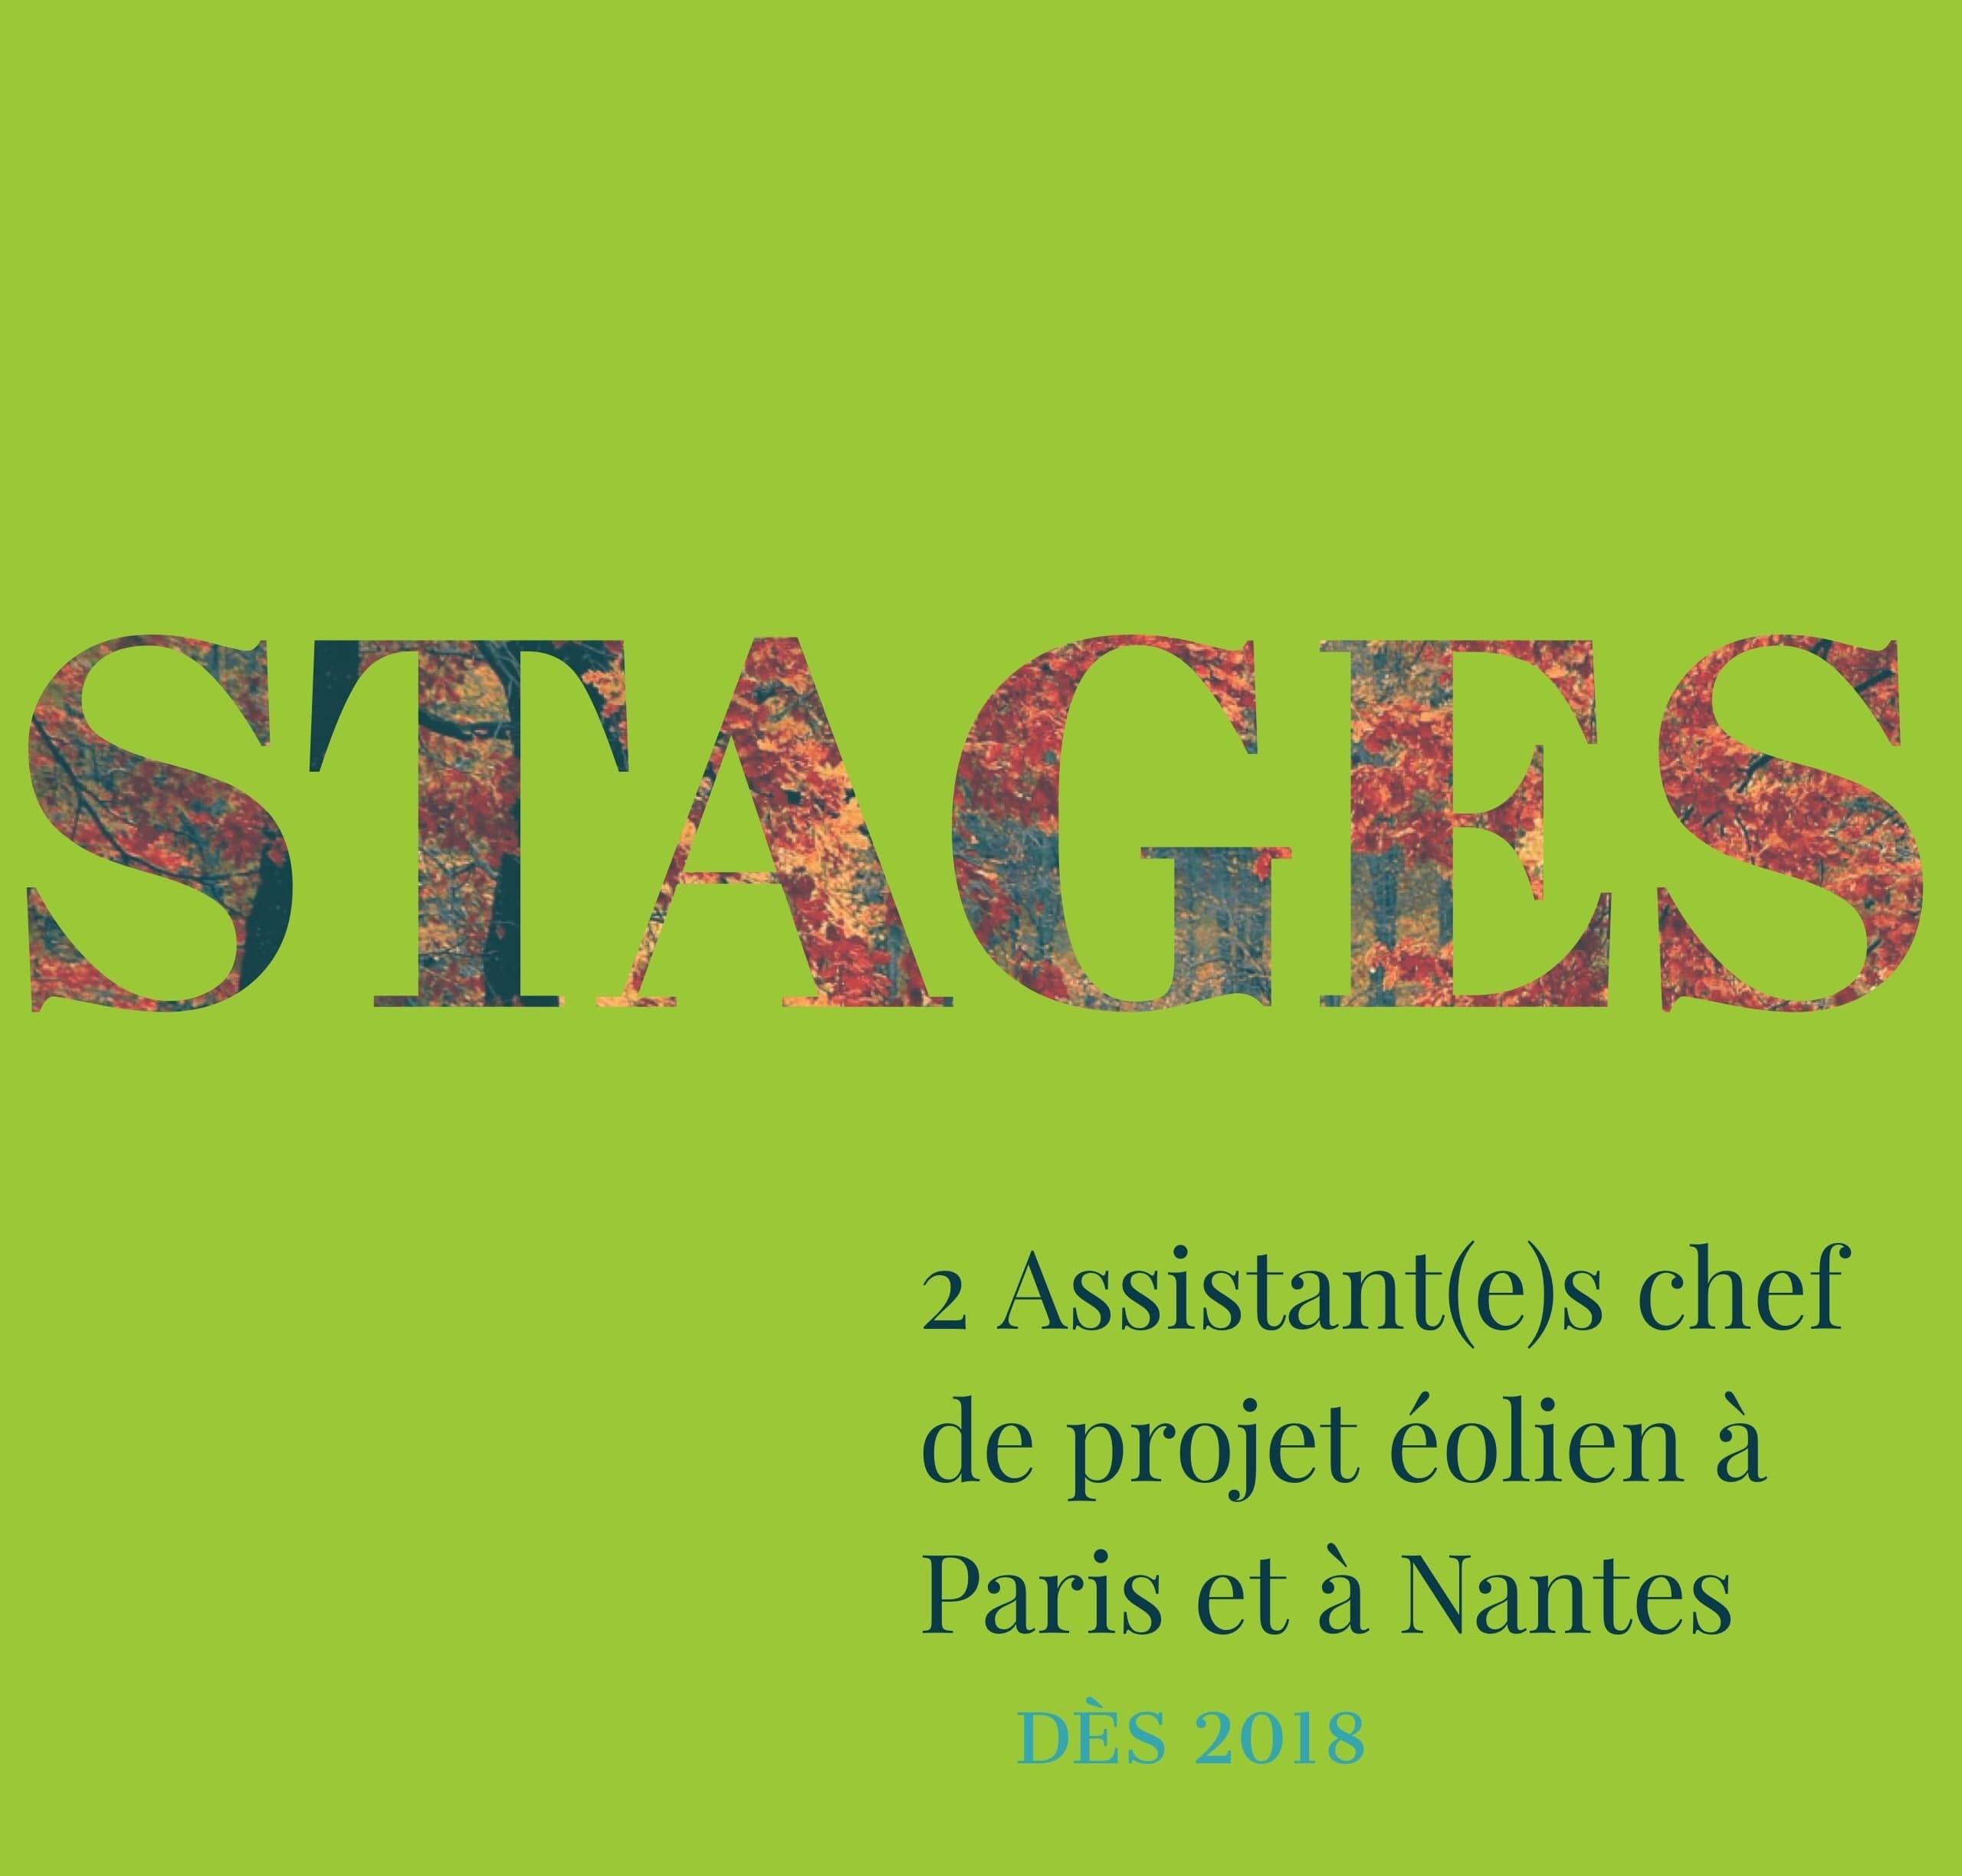 [STAGES] 2 offres de stages – Assistant(e)s chef de projet éolien – Paris et Nantes